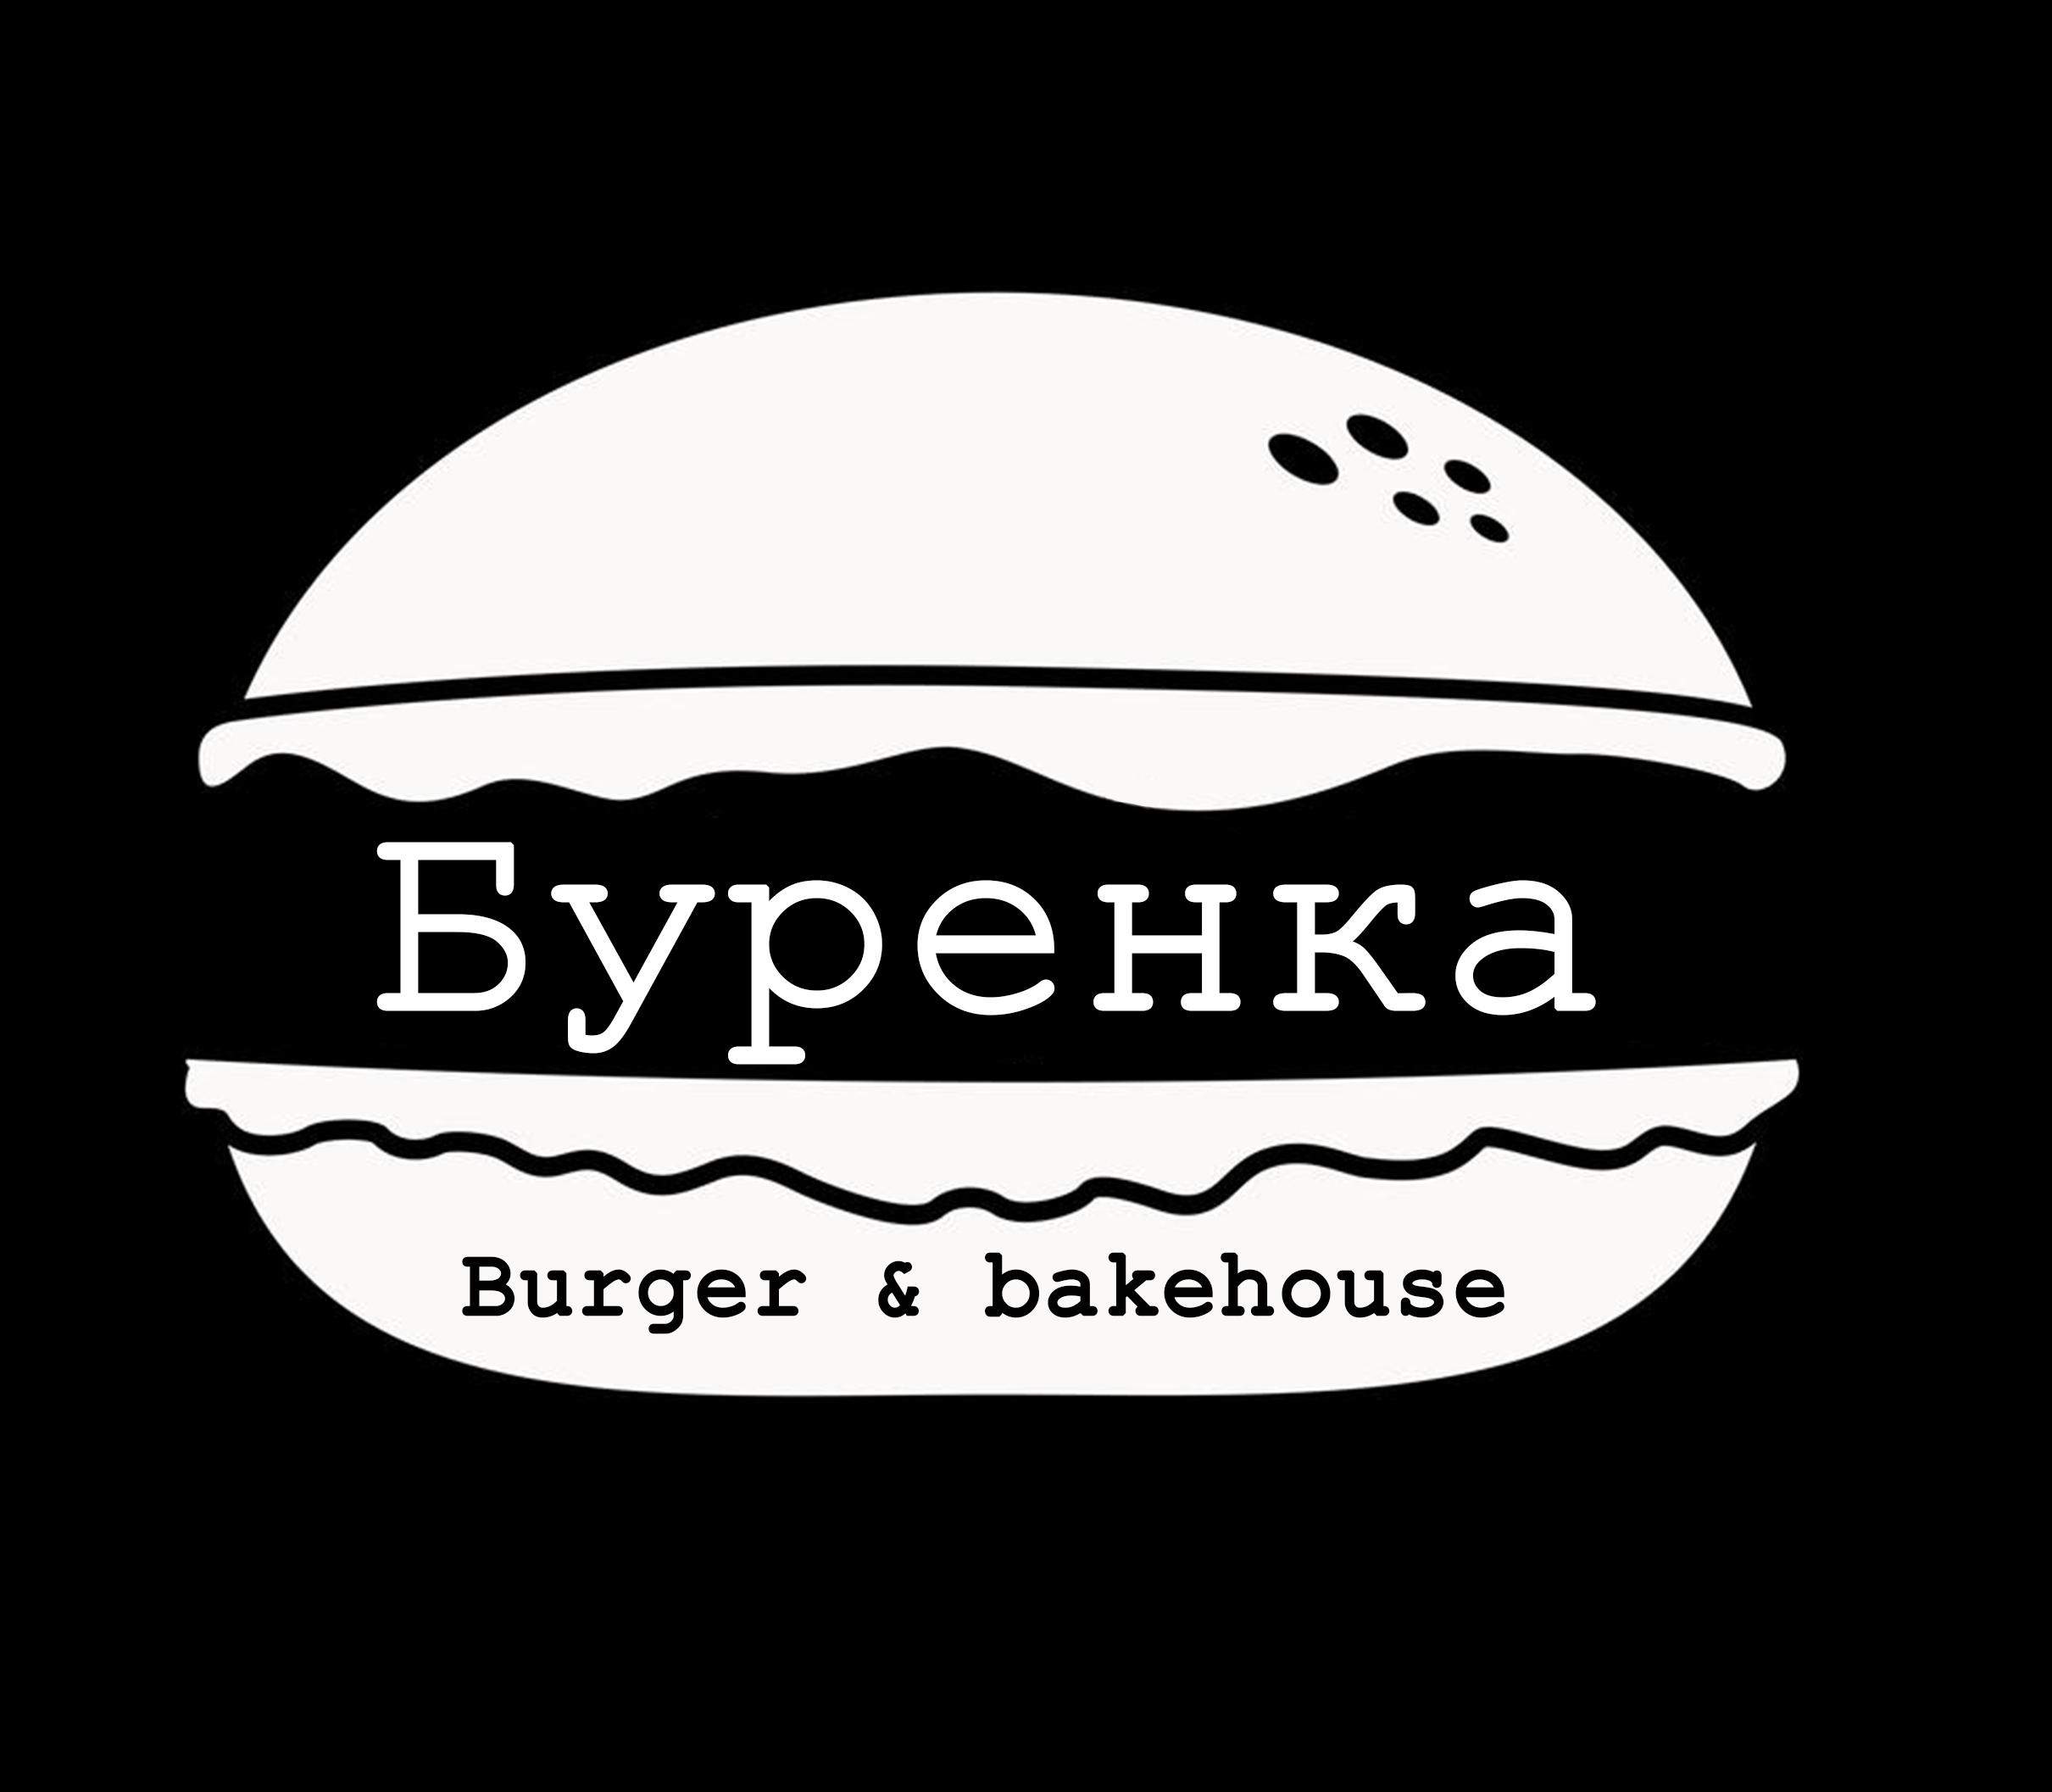 Логотип для Бургерной с Пекарней фото f_6795e112e8a4c716.png